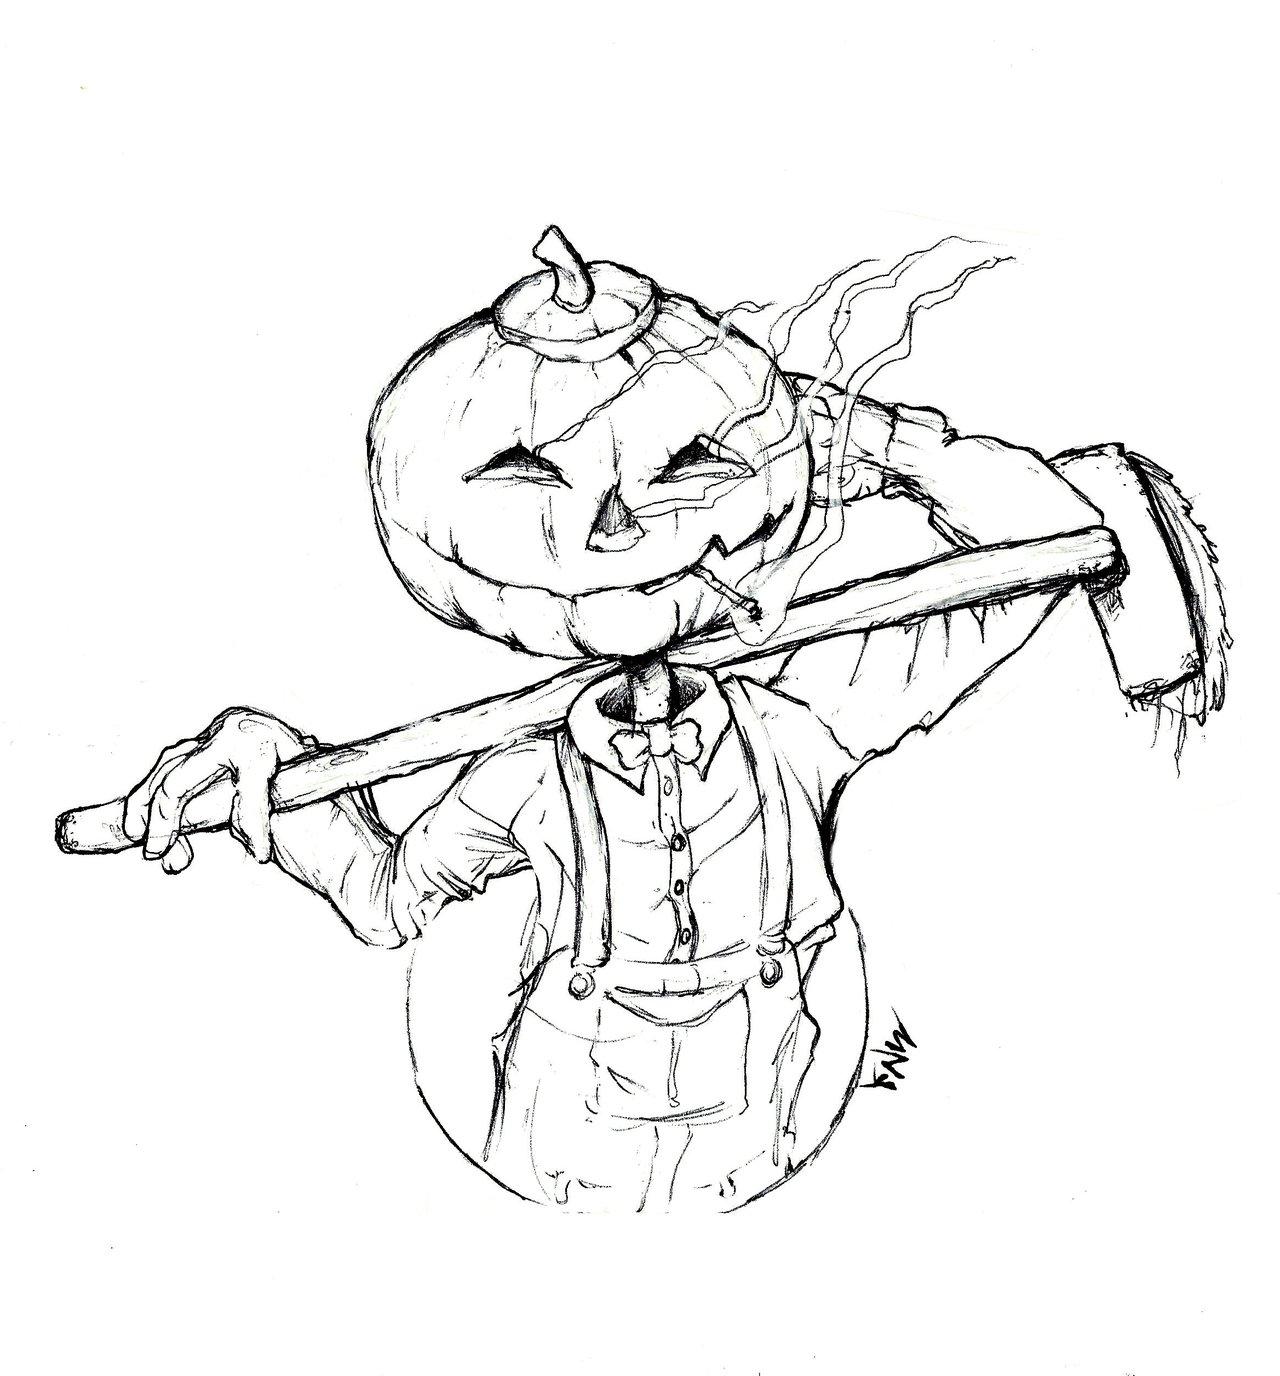 Drawn pumpkin pumpkin head Pumpkinhead Pumpkinhead Merv Merv ayelid